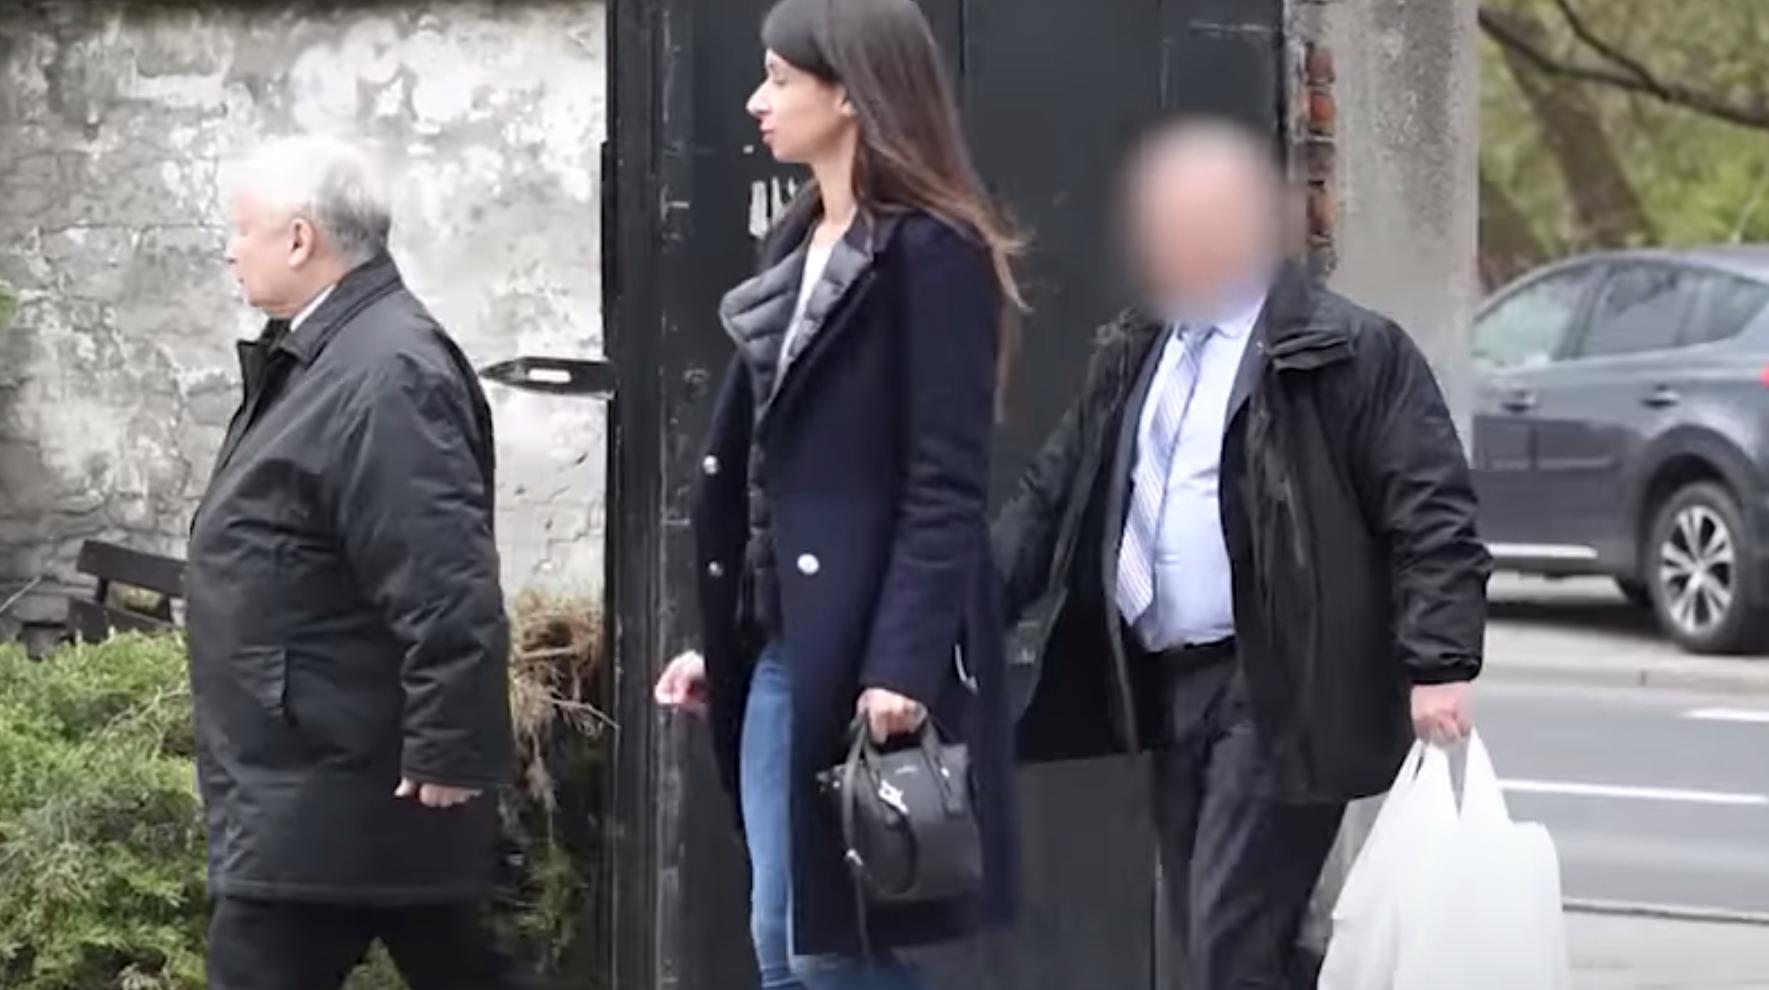 Dwa miliony zł na ochronę Kaczyńskiego – jest sprawozdanie finansowe PiS